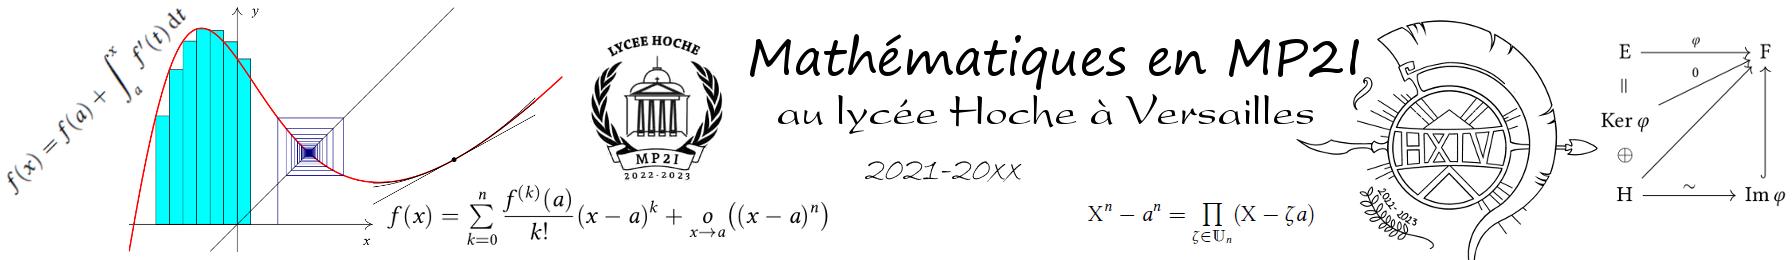 Mathématiques en MP2I au lycée Hoche